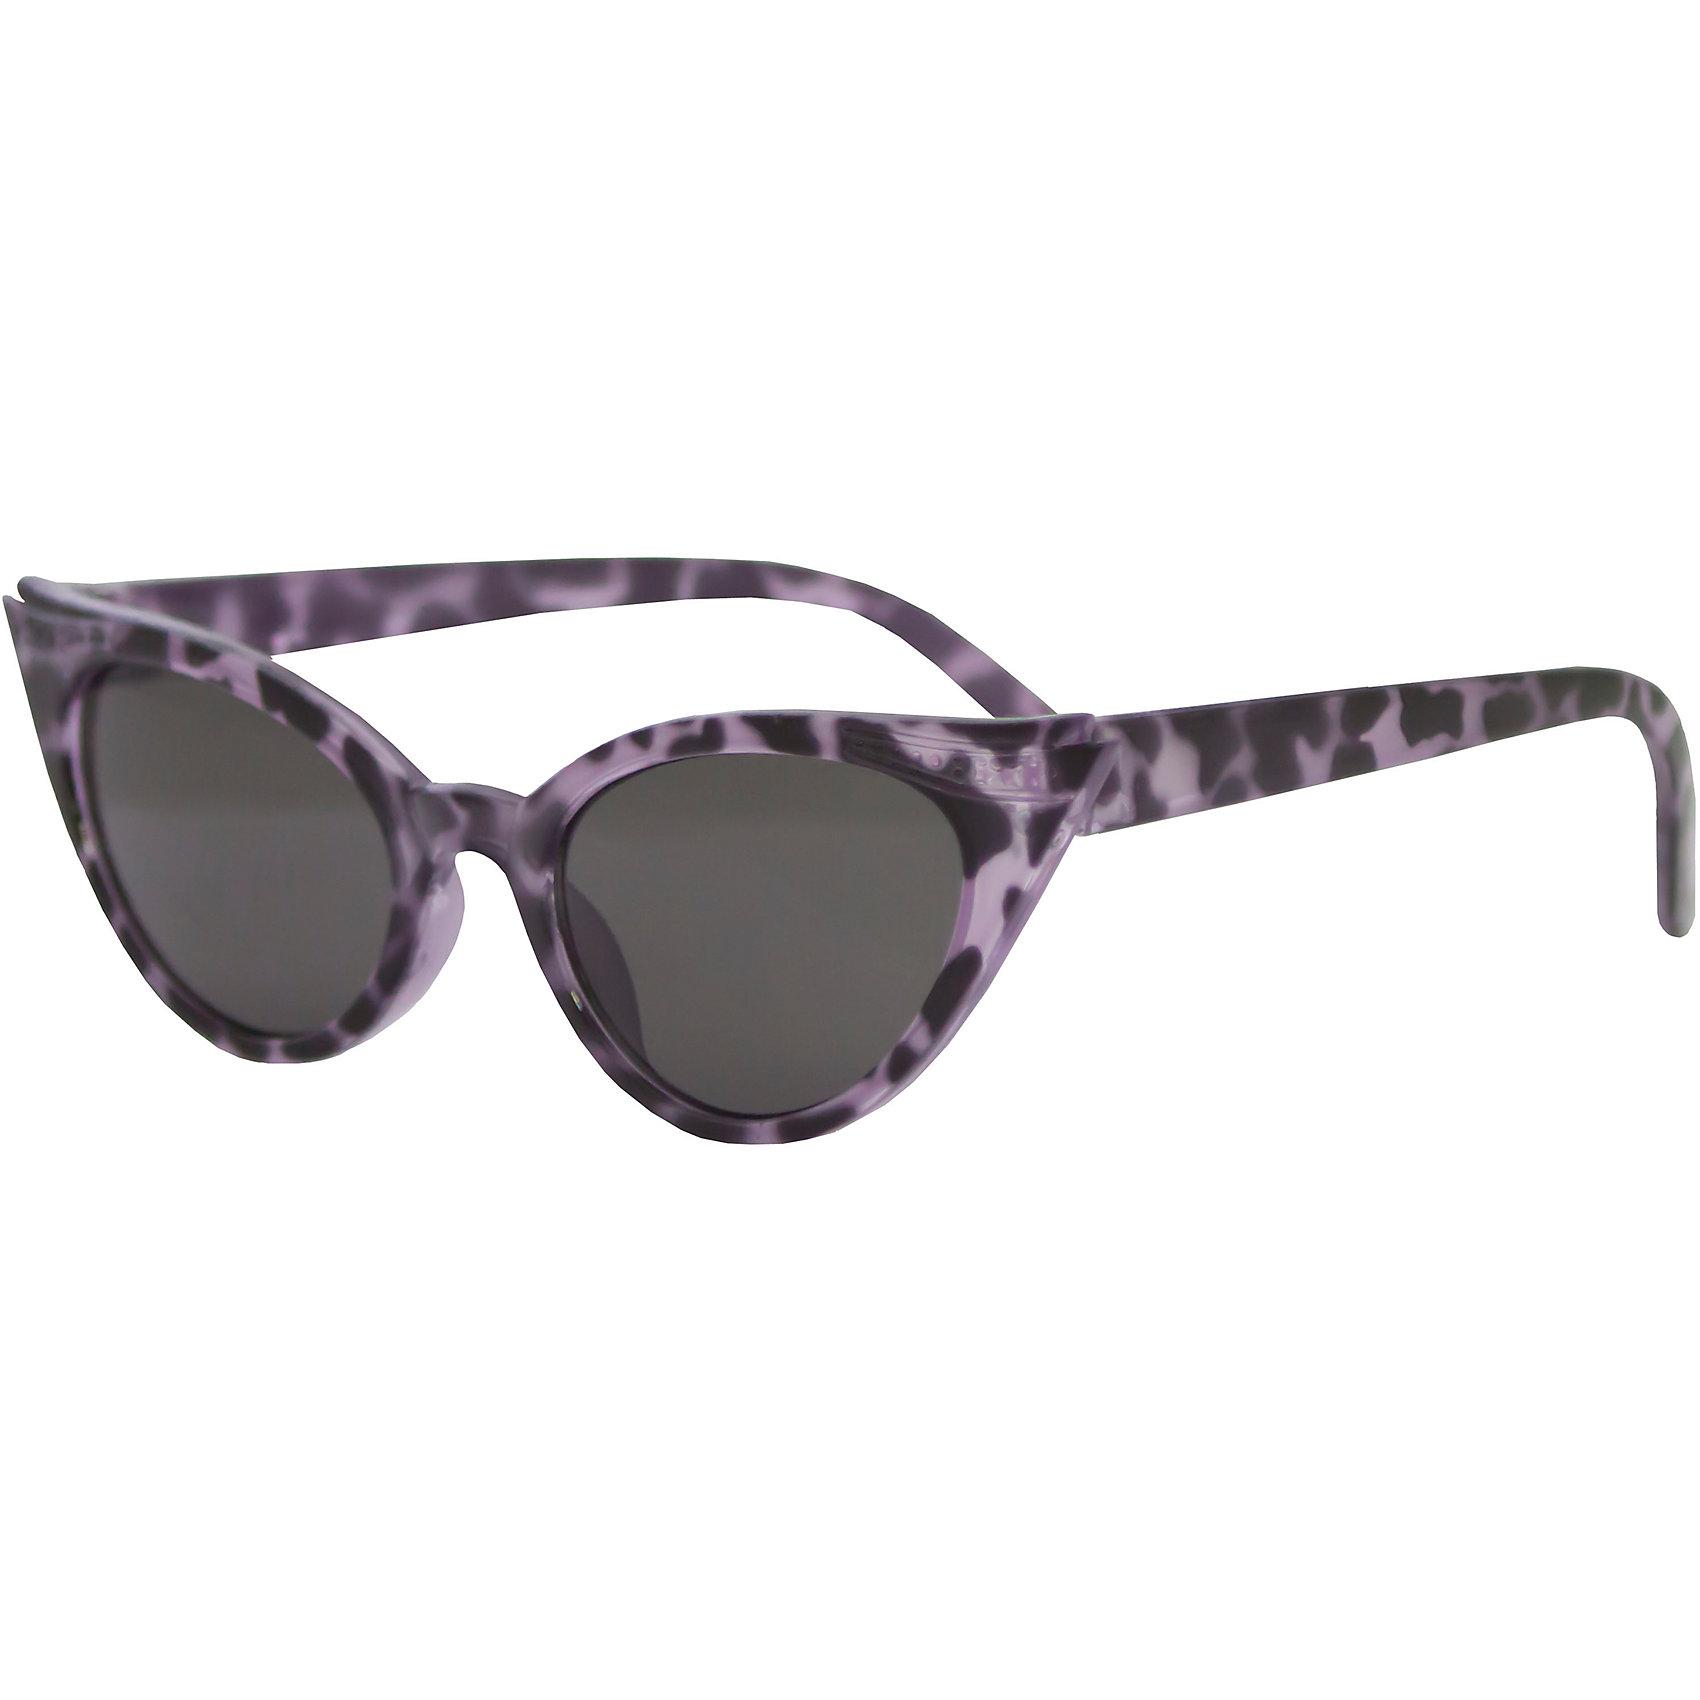 Солнцезащитные очки CaramellaСтильные солнцезащитные очки «Кошечка» ТМ «Caramella» в форме кошачьих глаз – это ультрамодный и полезный аксессуар для маленькой модницы. Их пластиковые линзы надежно защищают глаза от коварных ультрафиолетовых лучей, особенно опасных для детских нежных хрусталиков. Удобные дужки комфортно прилегают к голове и почти не ощущаются. Аксессуар изготовлен из пластика, расстояние между дужками на внутренней части очков – 120 мм. Товар произведен в Тайване. Имеется сертификат качества и протокол испытания линз.<br><br>Ширина мм: 170<br>Глубина мм: 157<br>Высота мм: 67<br>Вес г: 117<br>Возраст от месяцев: 36<br>Возраст до месяцев: 2147483647<br>Пол: Женский<br>Возраст: Детский<br>SKU: 4738340